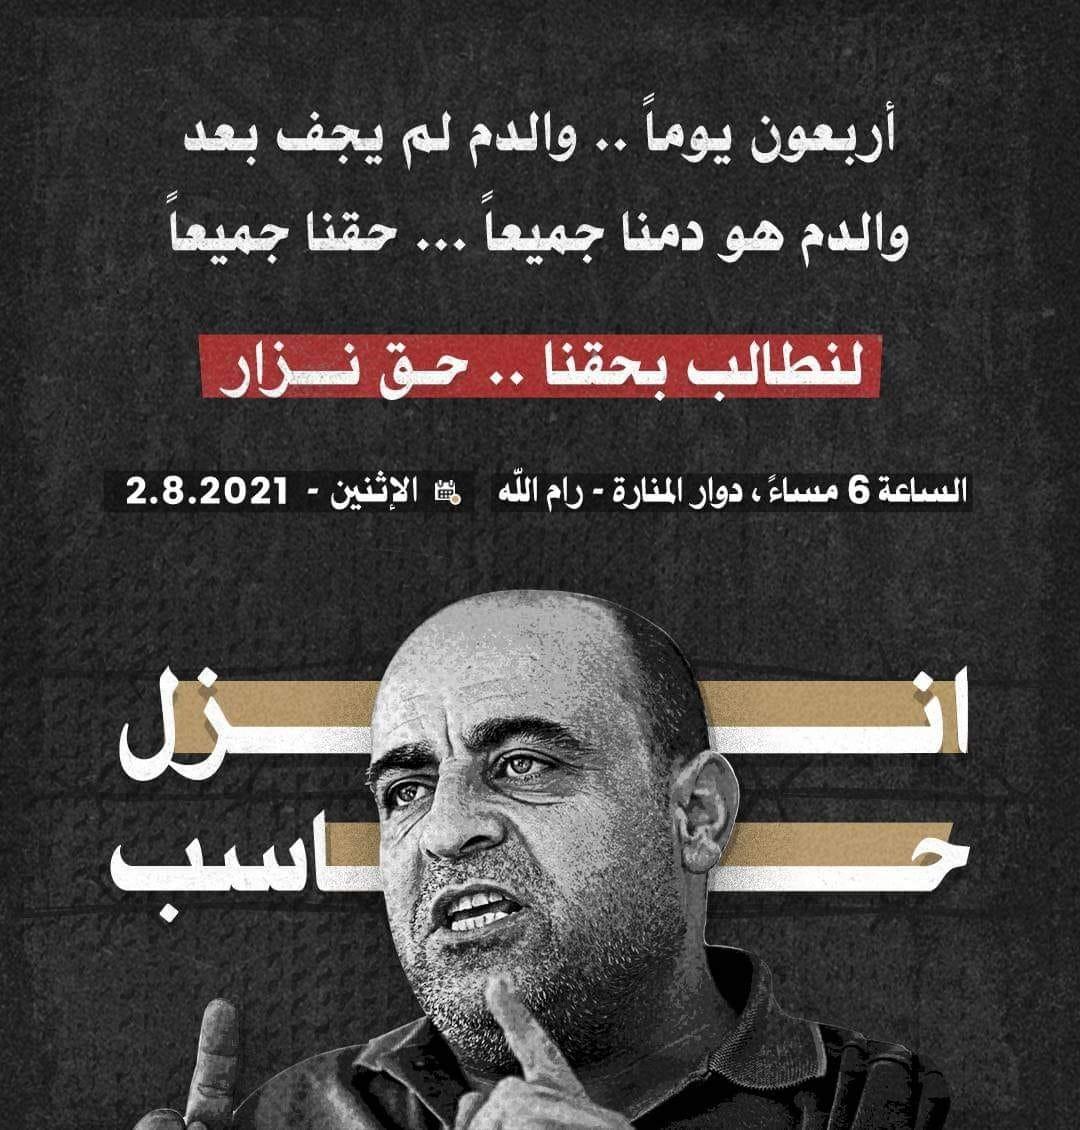 دعوة للمشاركة في مسيرة برام الله نزار بنات.jpg